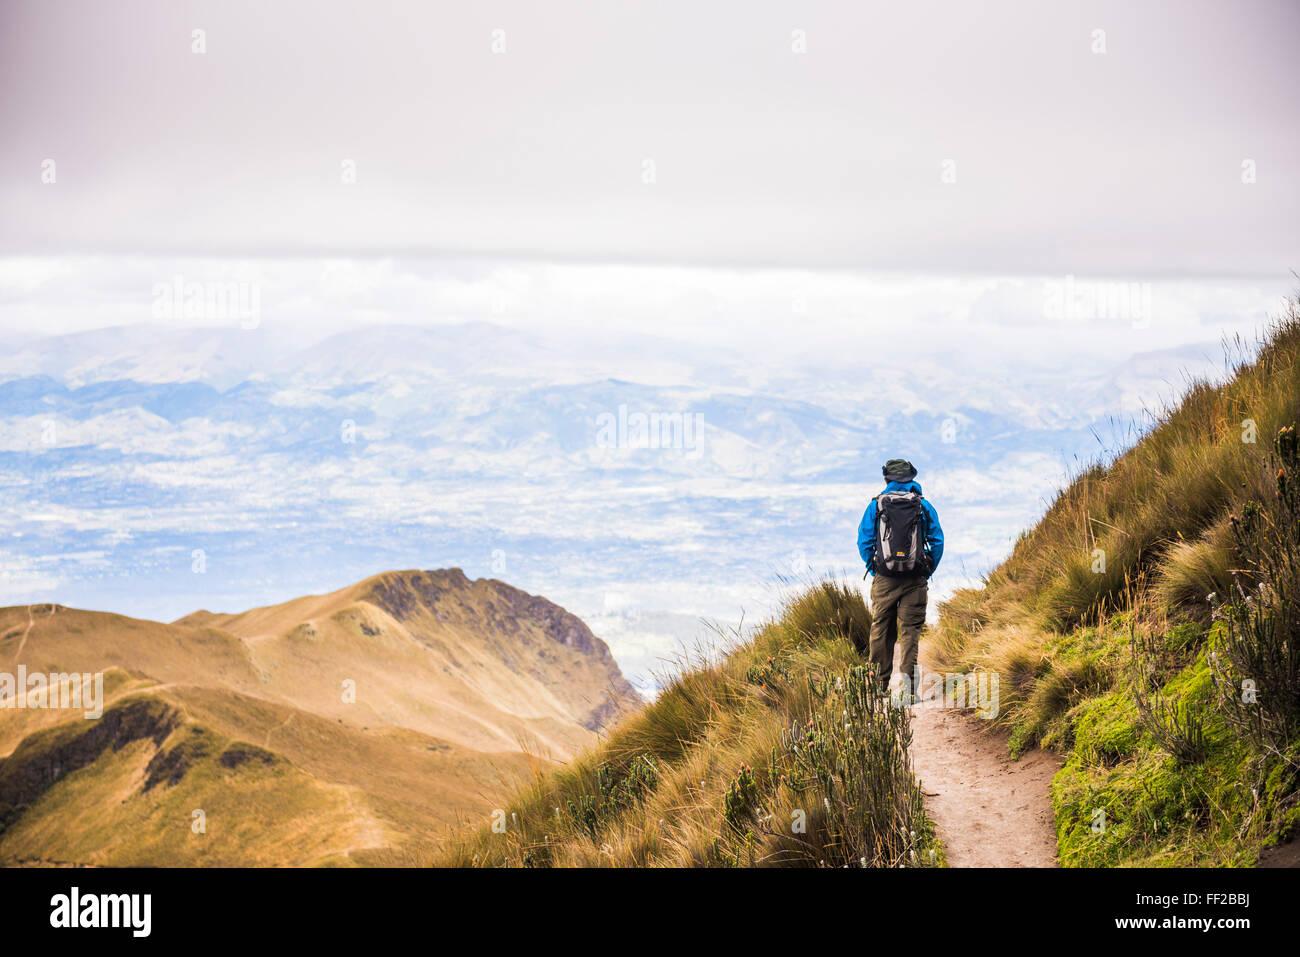 VoRMcano Rucu Pichincha trek, Quito, Pichincha Province, l'Équateur, en Amérique du Sud, Amérique Photo Stock